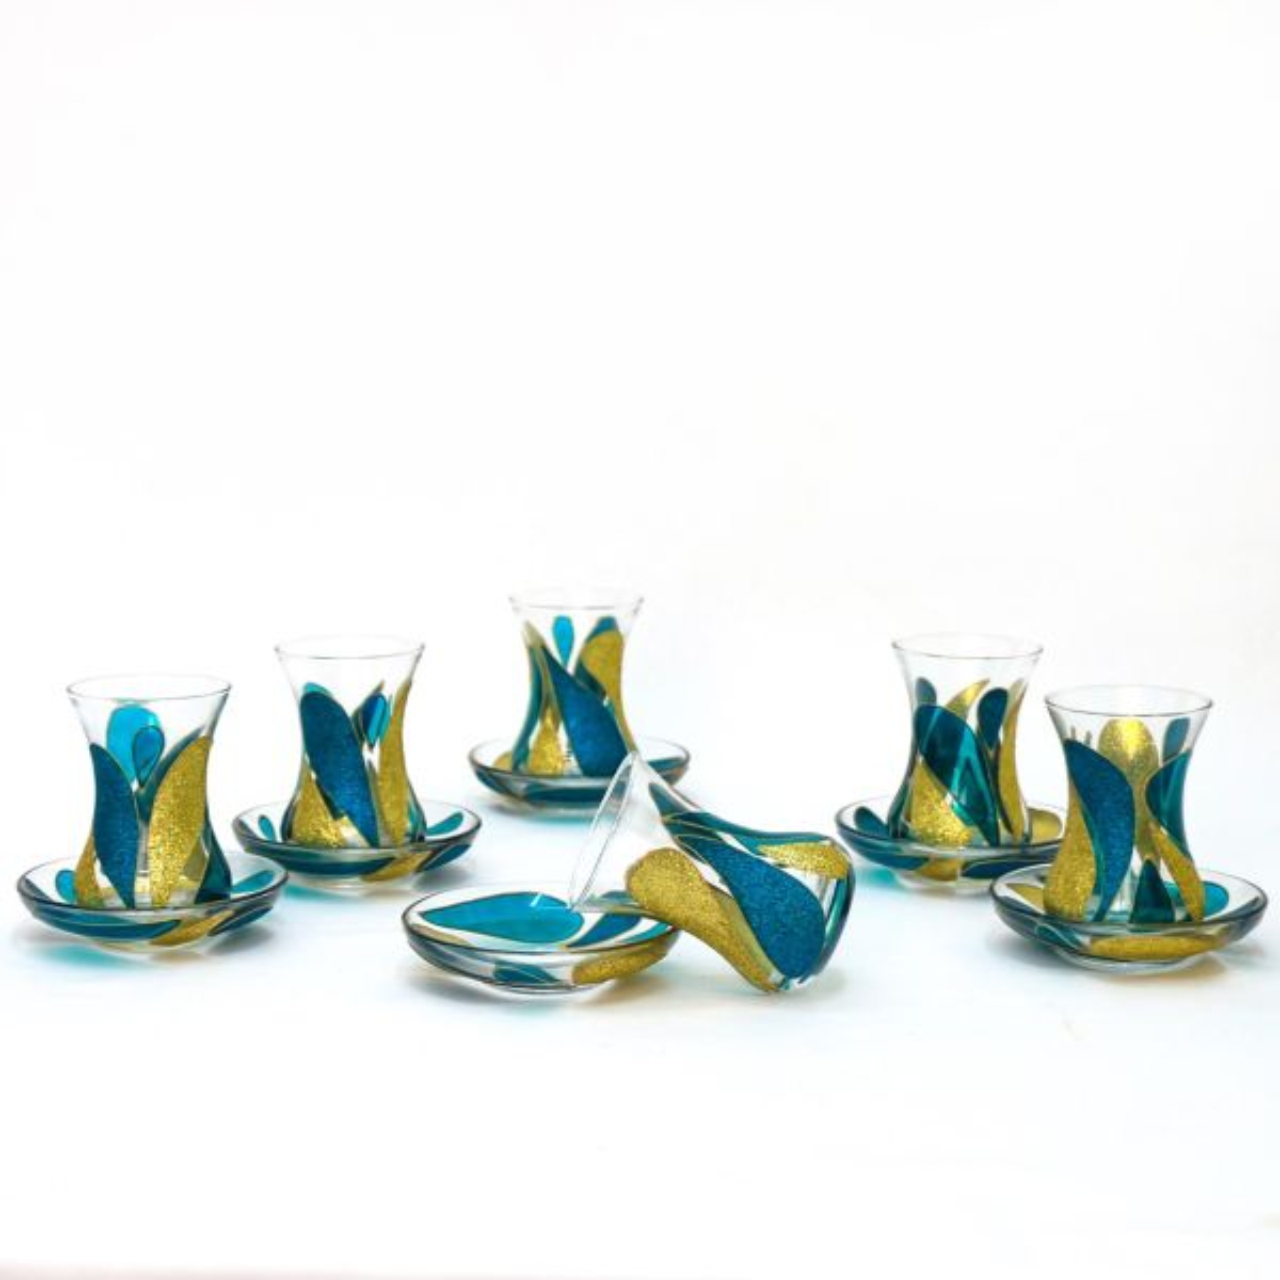 ست استکان و نعلبکی 12 پارچه گالری انار مدل اشک آبی